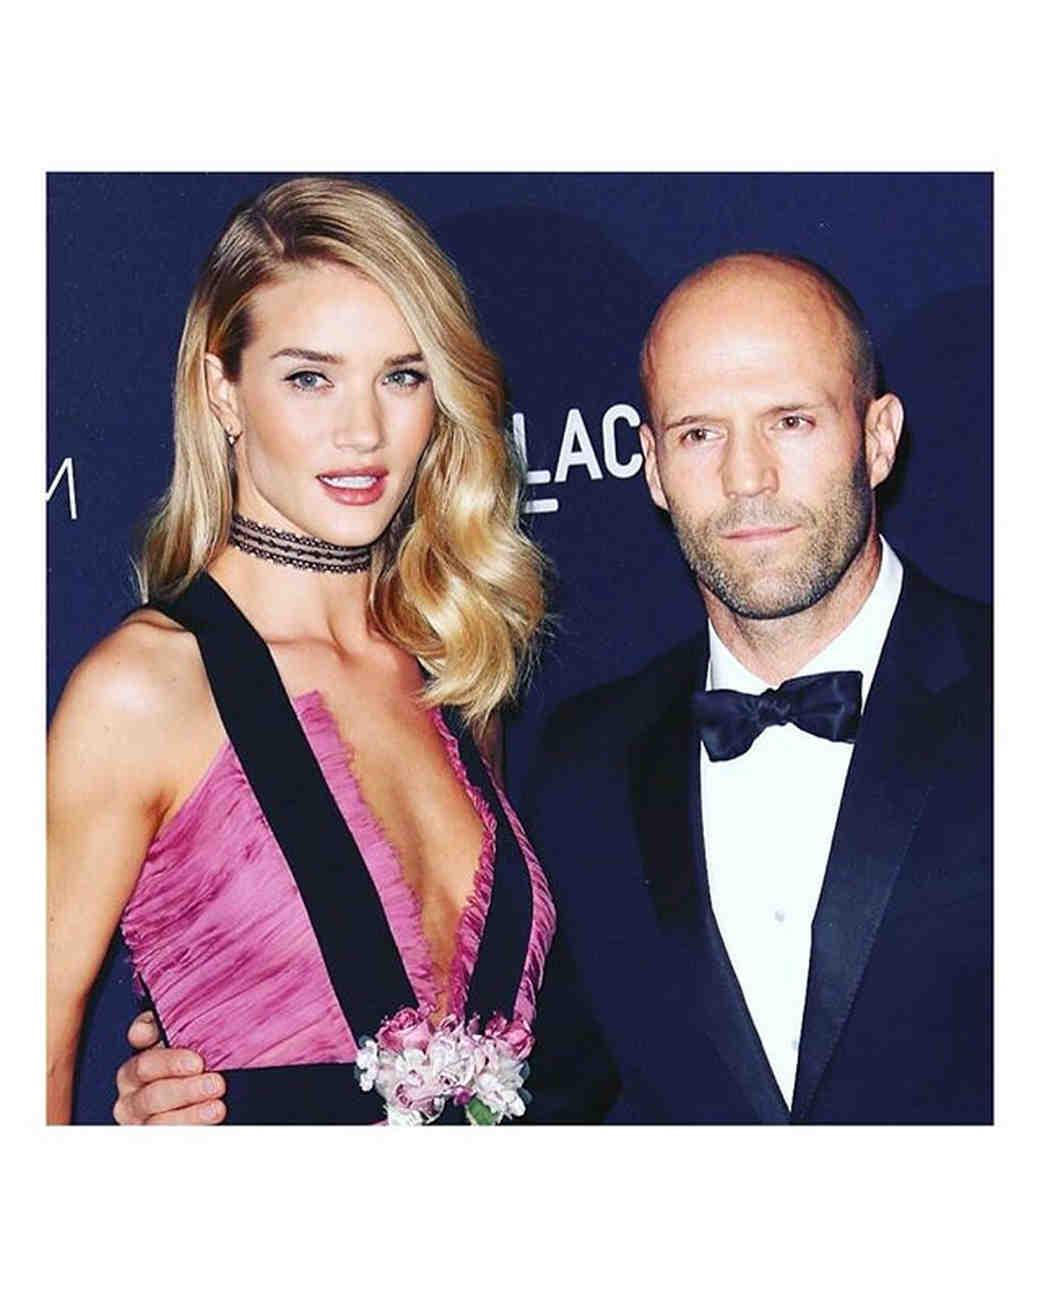 celebrity-couples-we-hope-get-engaged-rosie-huntington-whiteley-jason-statham-1215.jpeg